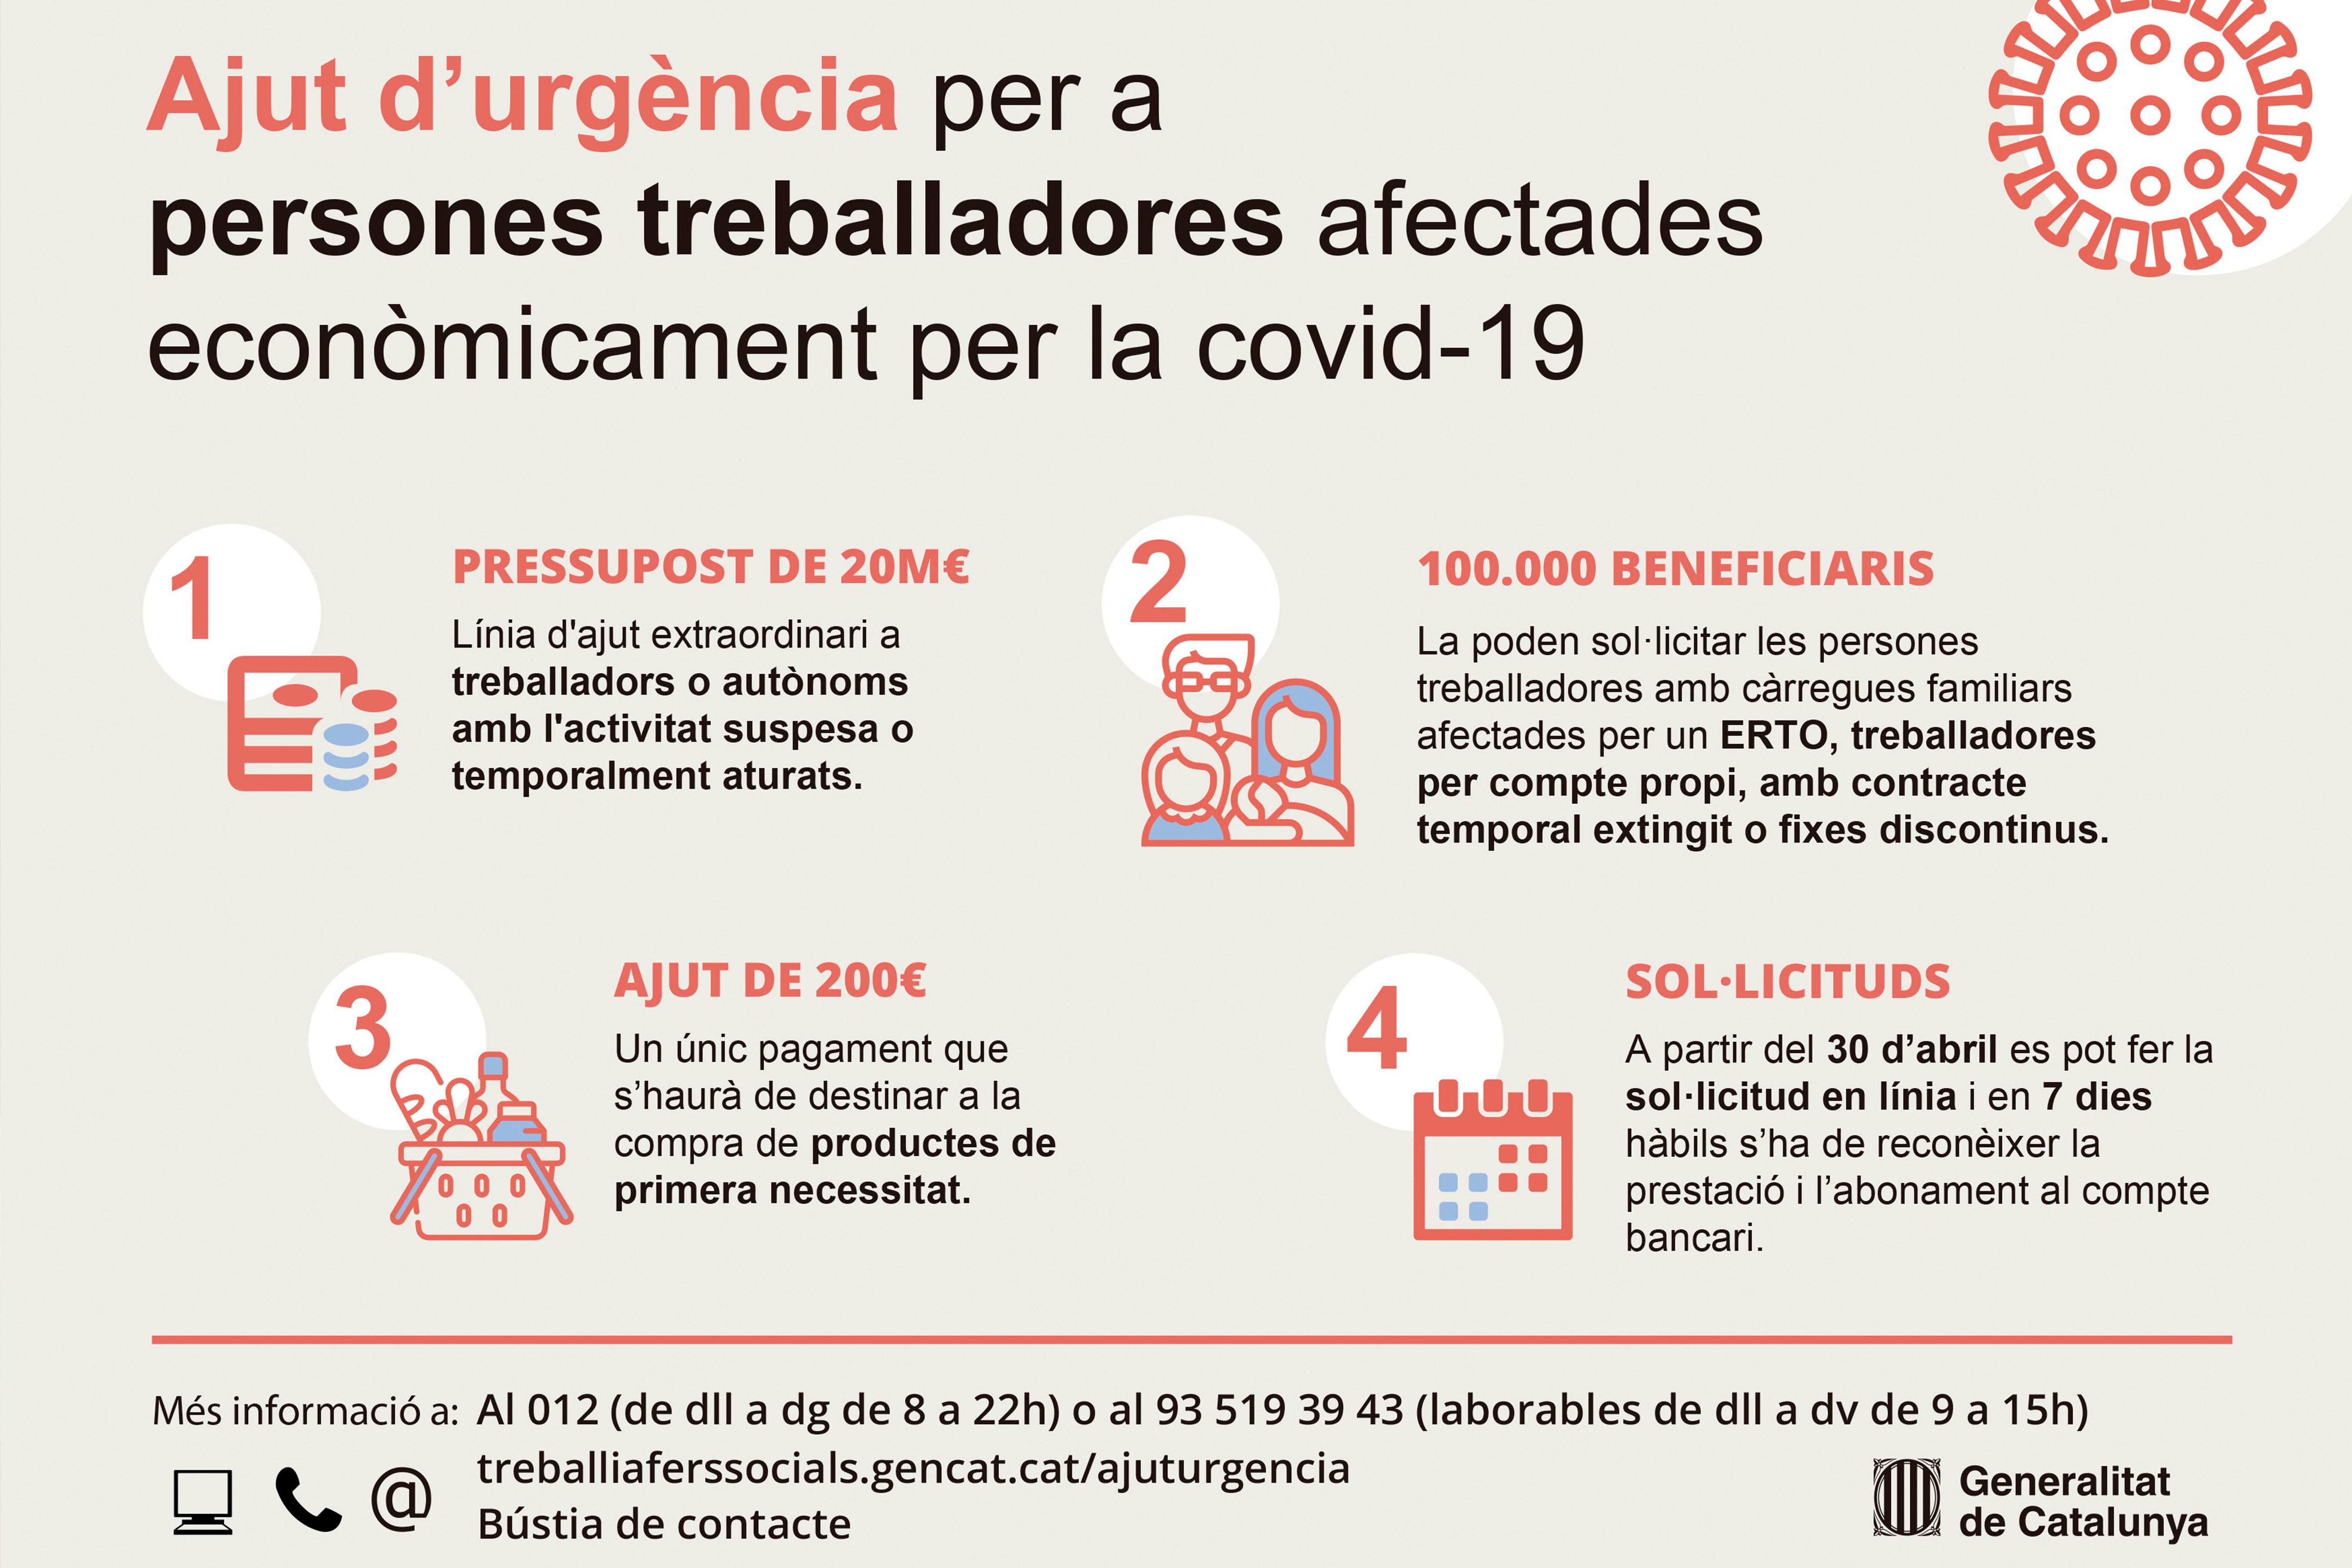 Imatge de la Generalitat sobre els Ajuts